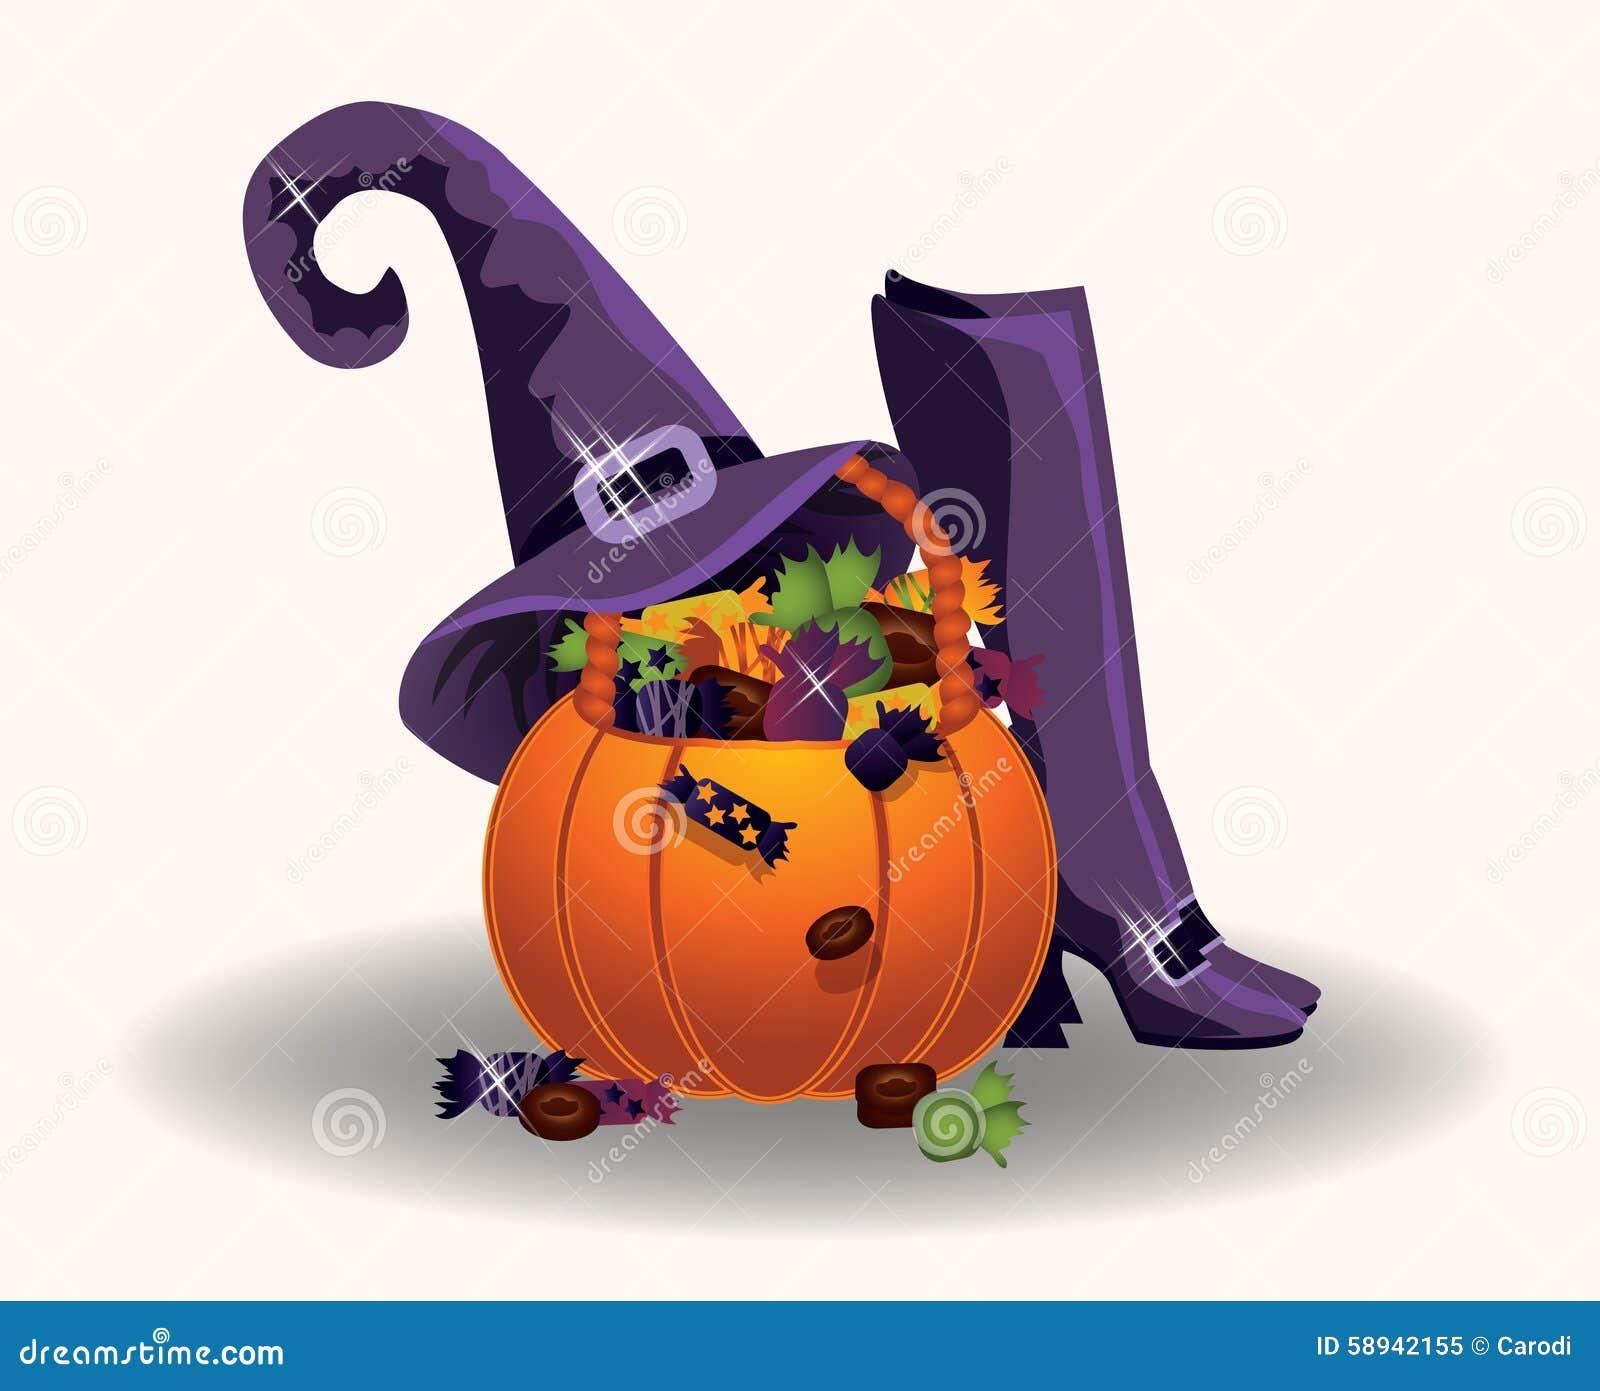 Zucca Di Halloween Con Il Cappello E Gli Stivali Della Strega ... f7ea8b7bf5a6